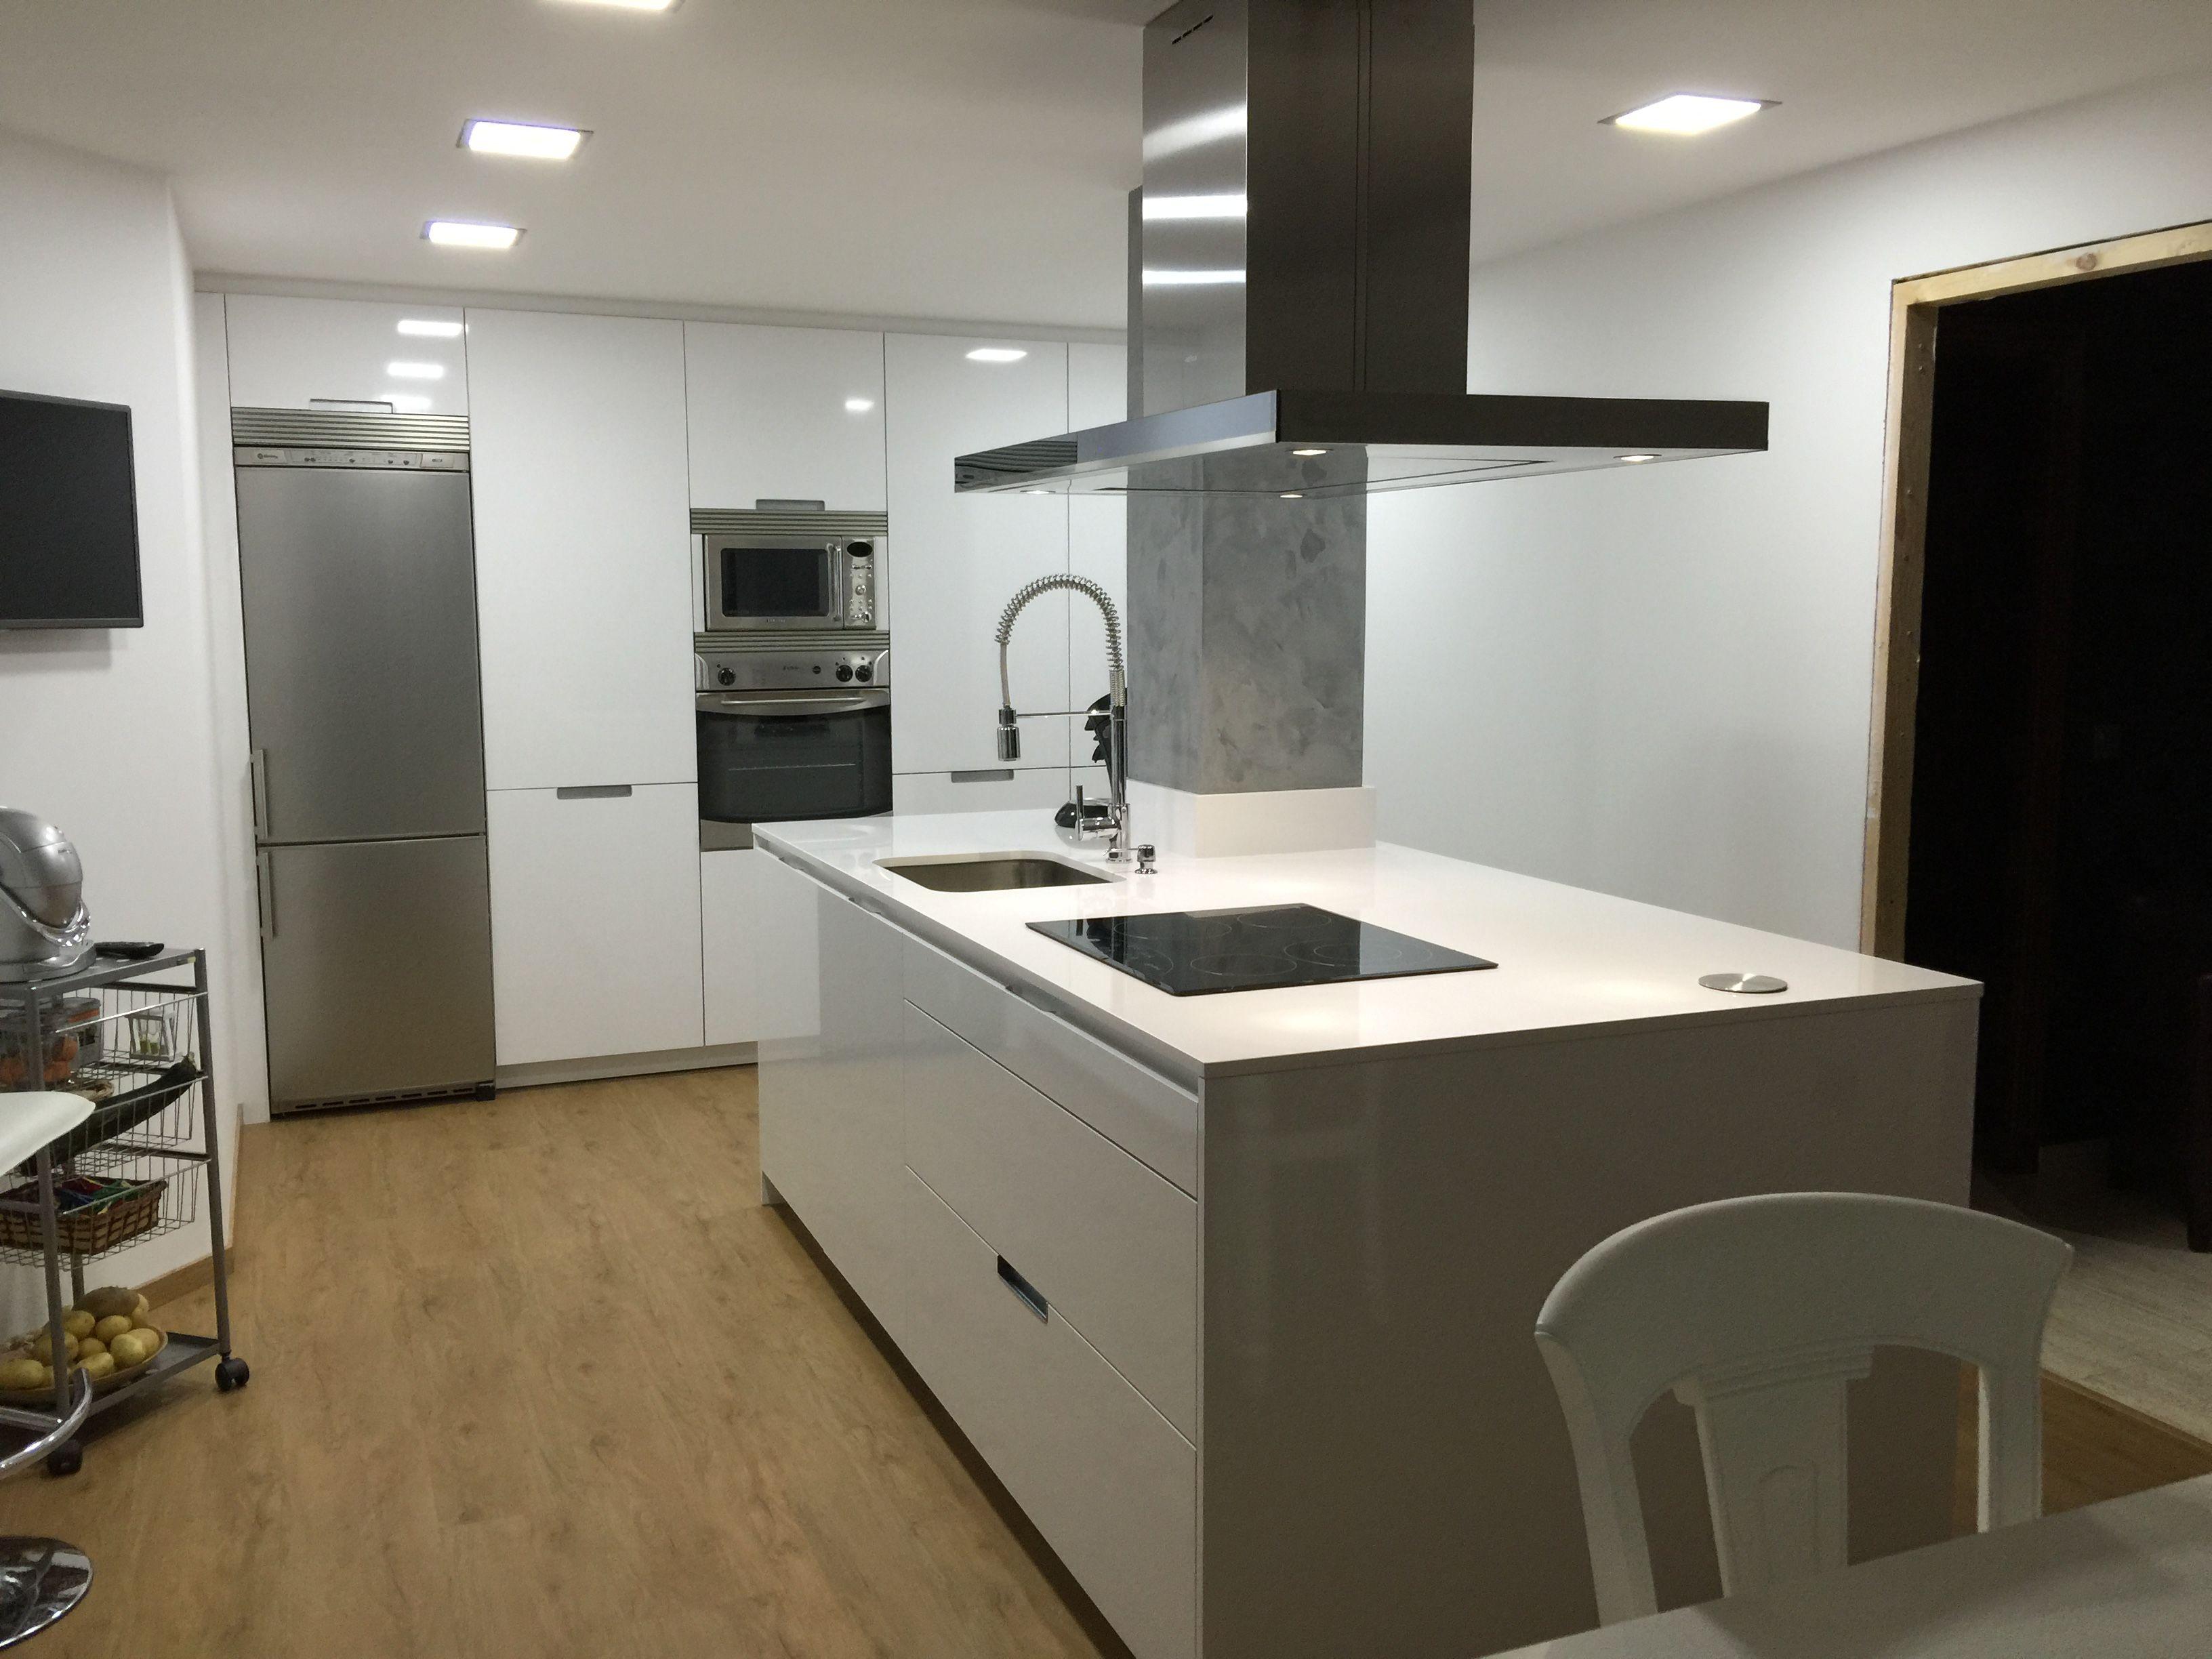 Imilk.info = muebles de cocina san fernando santiago ~ Ideas de ...